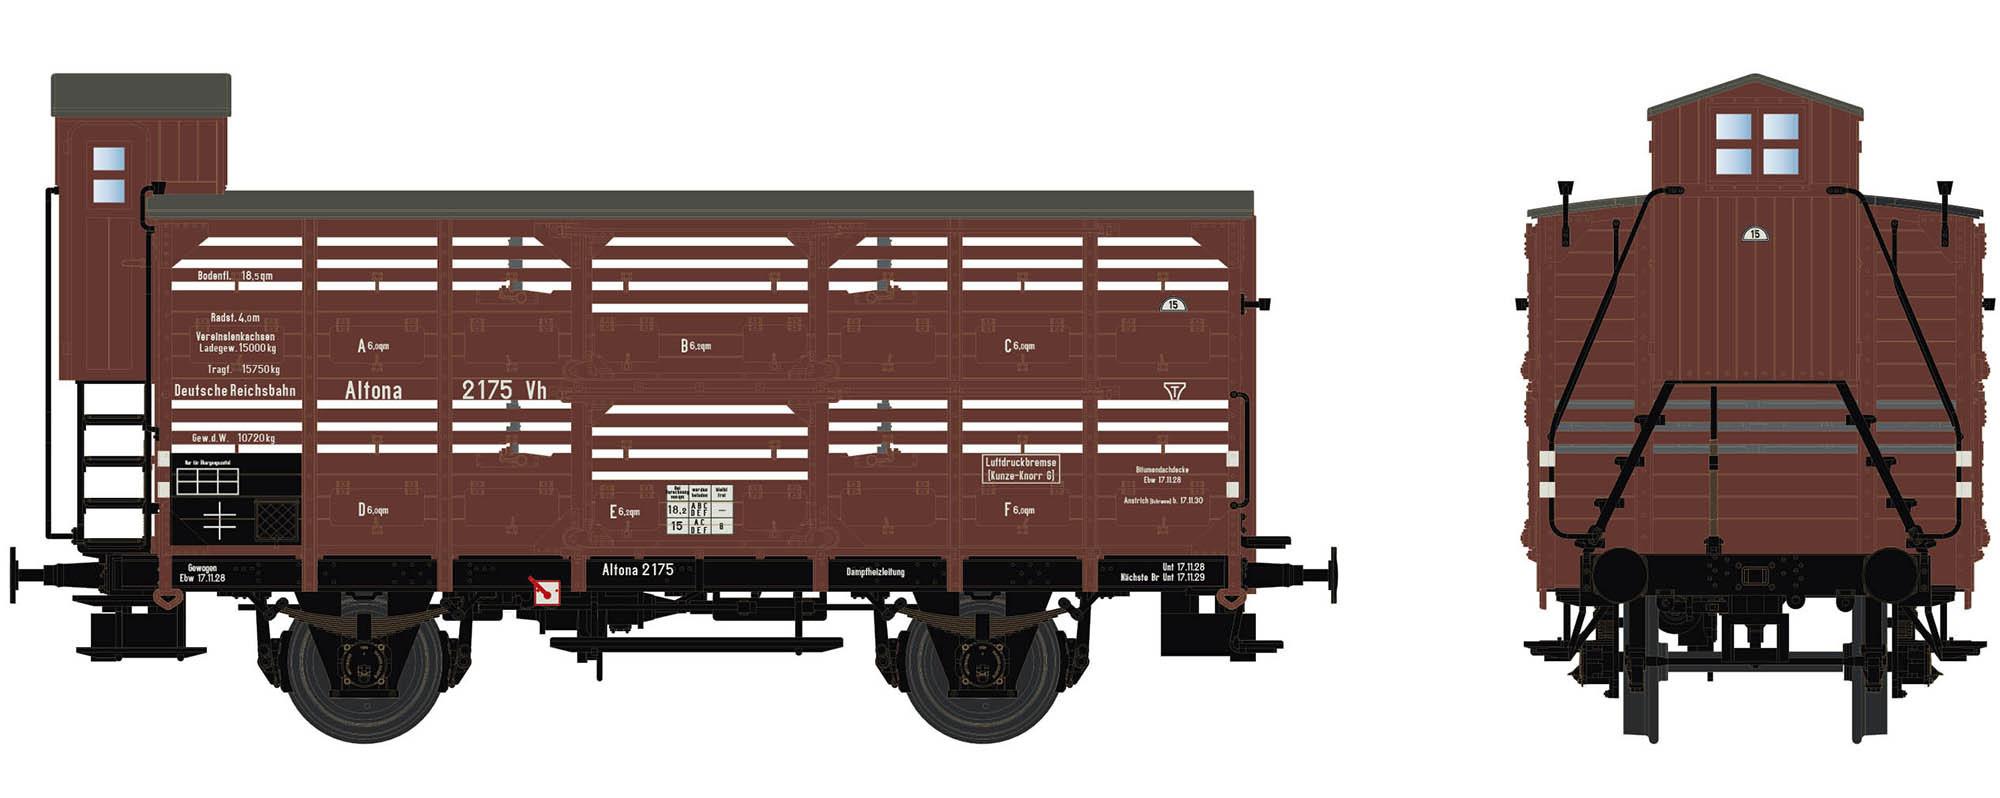 Wagenbausatz Verschlagwagen Vh14, DRG, Epoche II